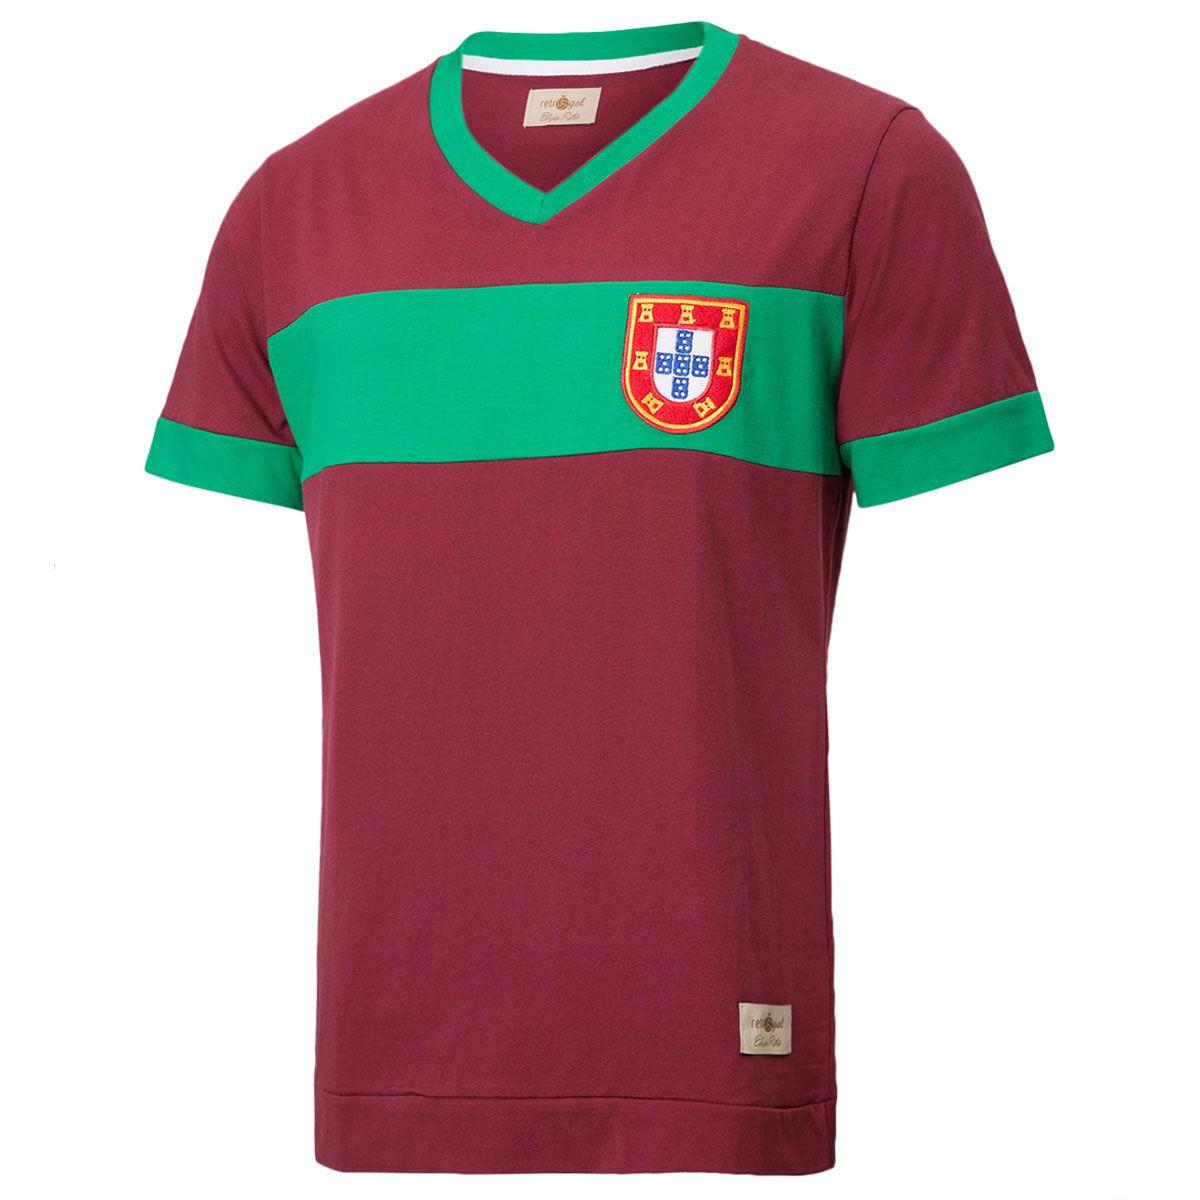 Camisa Retrô Gol Réplica Seleção Portugal Torcedor